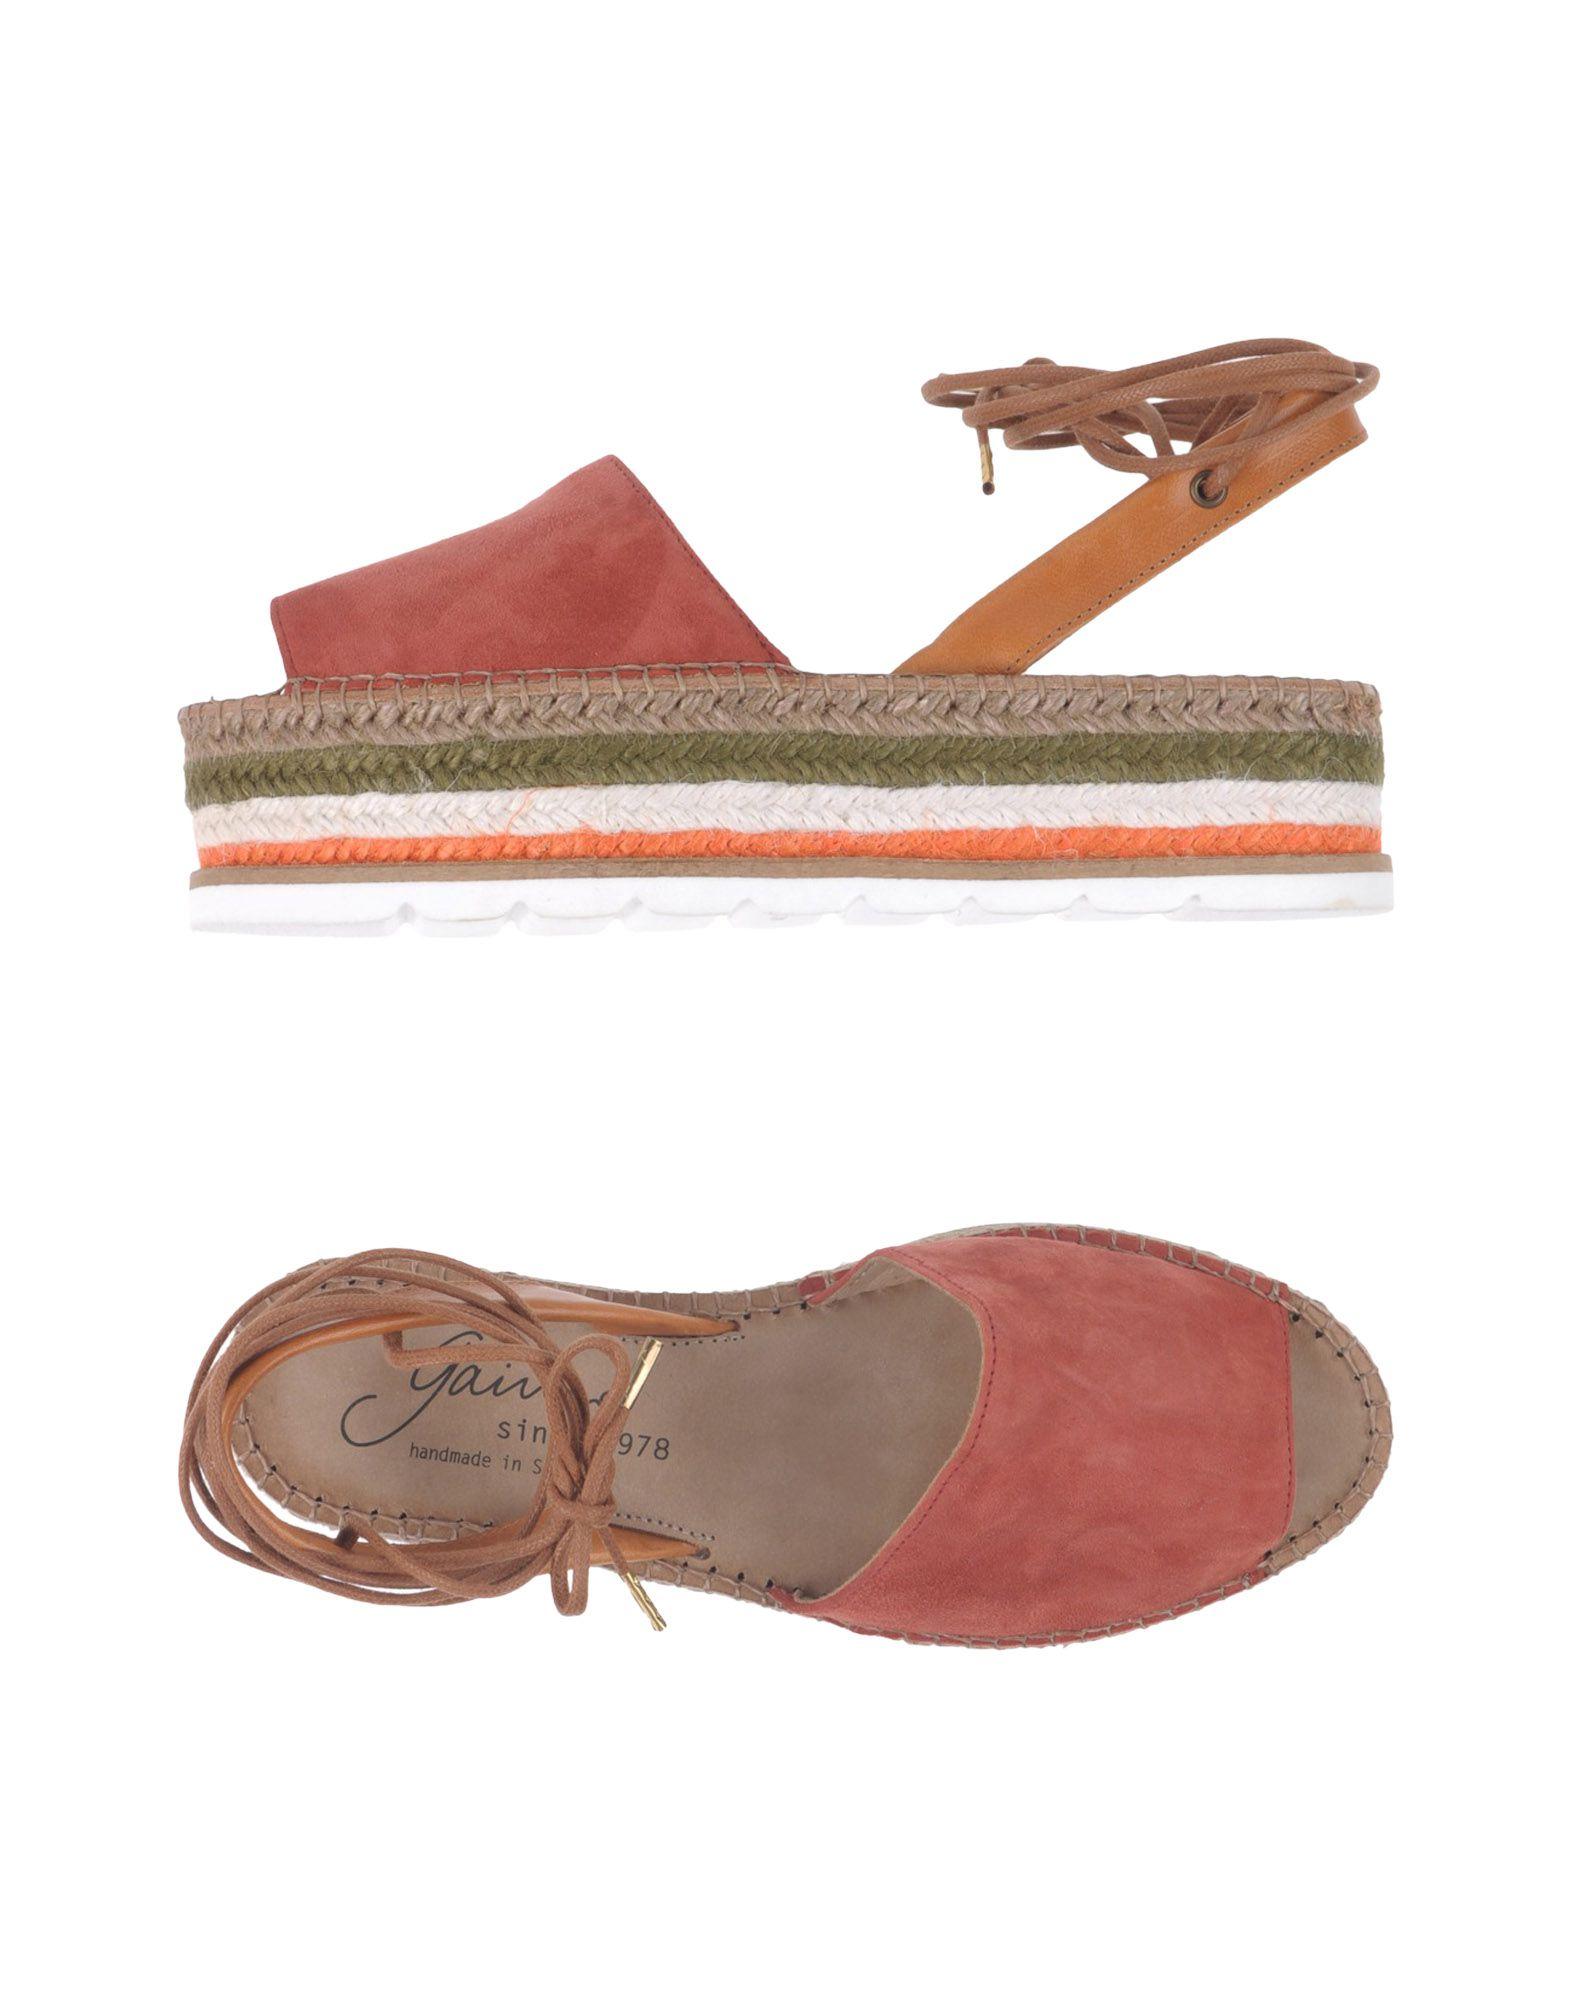 Gaimo Sandalen Damen  11380831VT Heiße Heiße 11380831VT Schuhe 2febdb